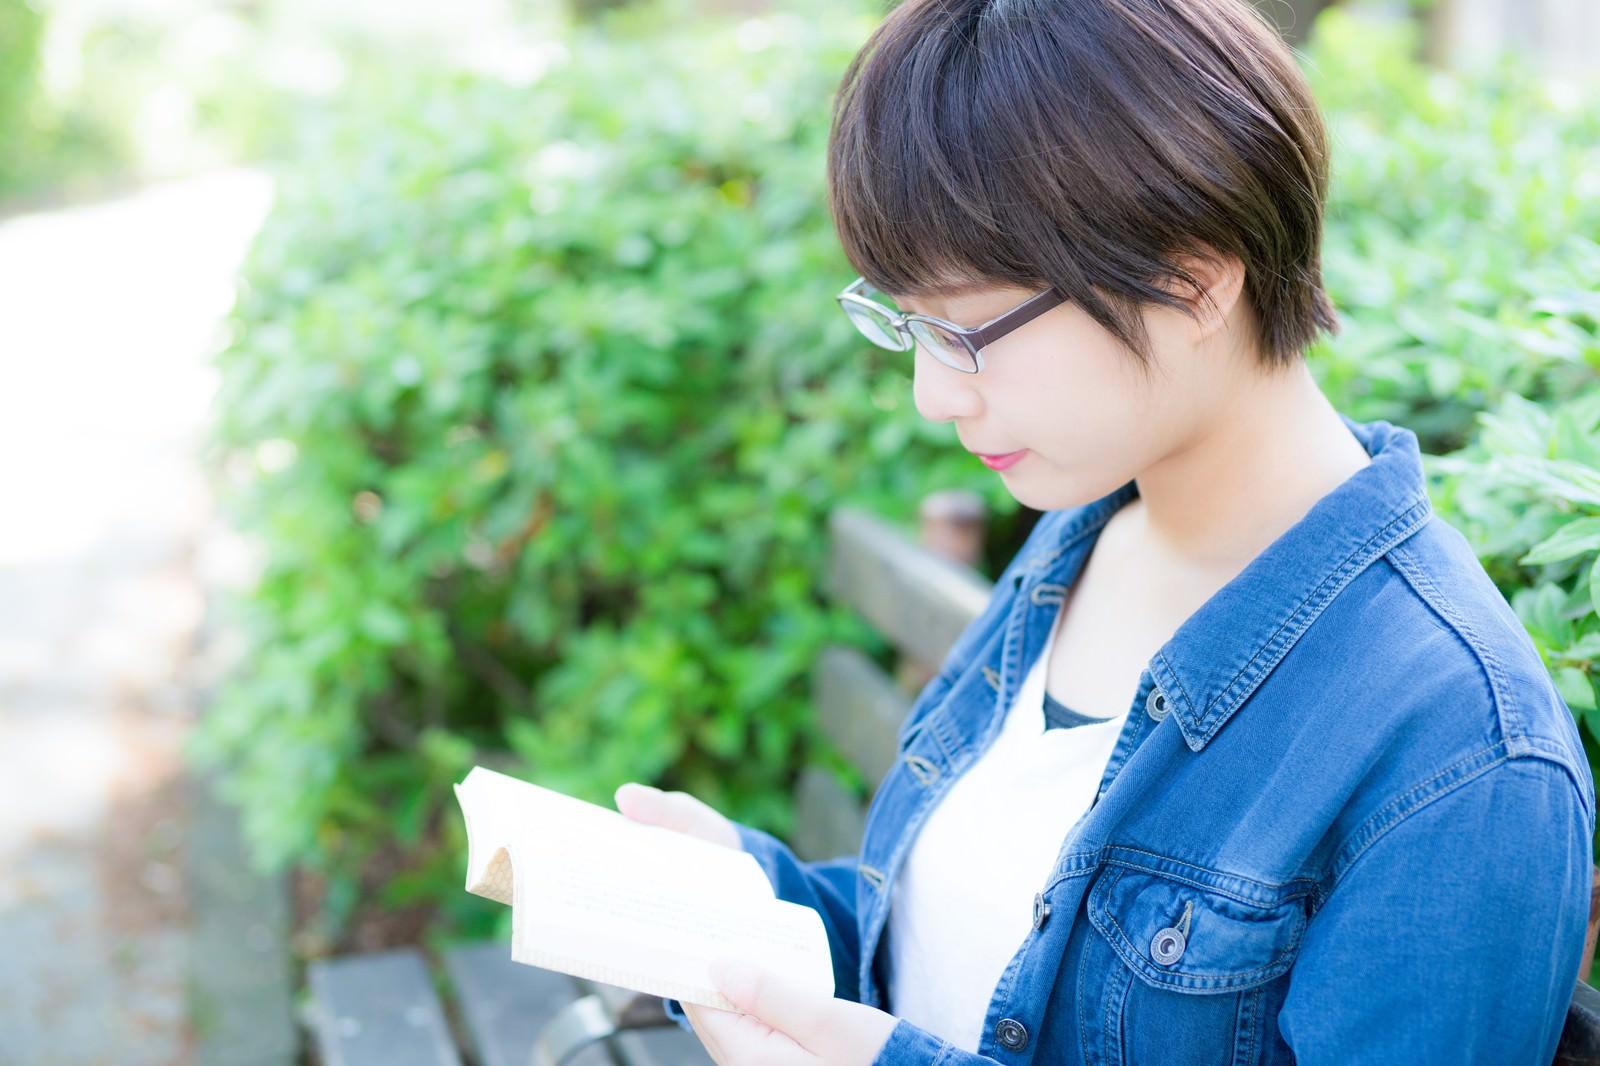 「公園のベンチで読書をする文学少女」の写真[モデル:モデルヒロ]